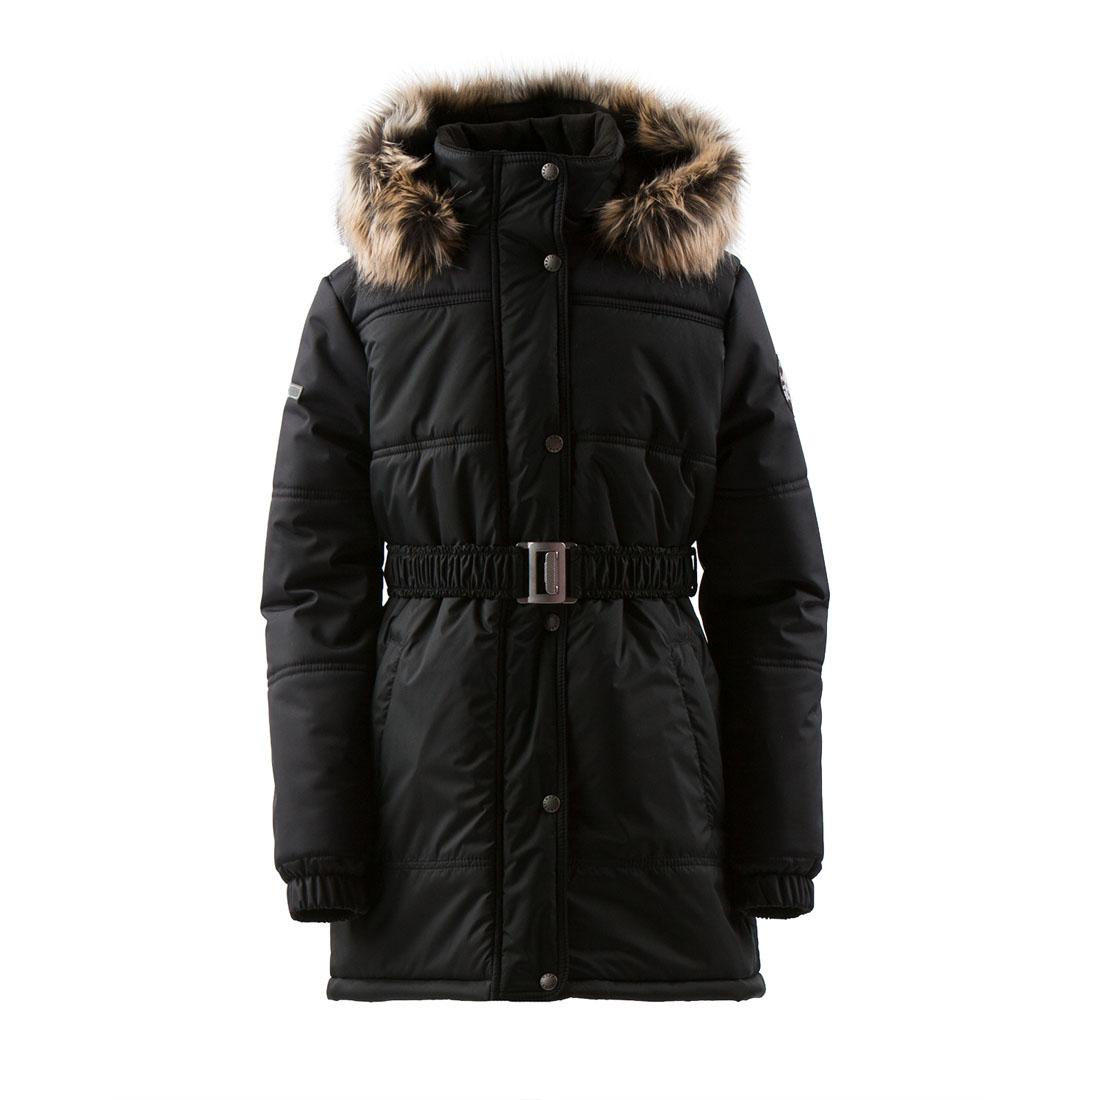 Купить Куртка для девочек KERRY GRETEL K18461, размер 146,